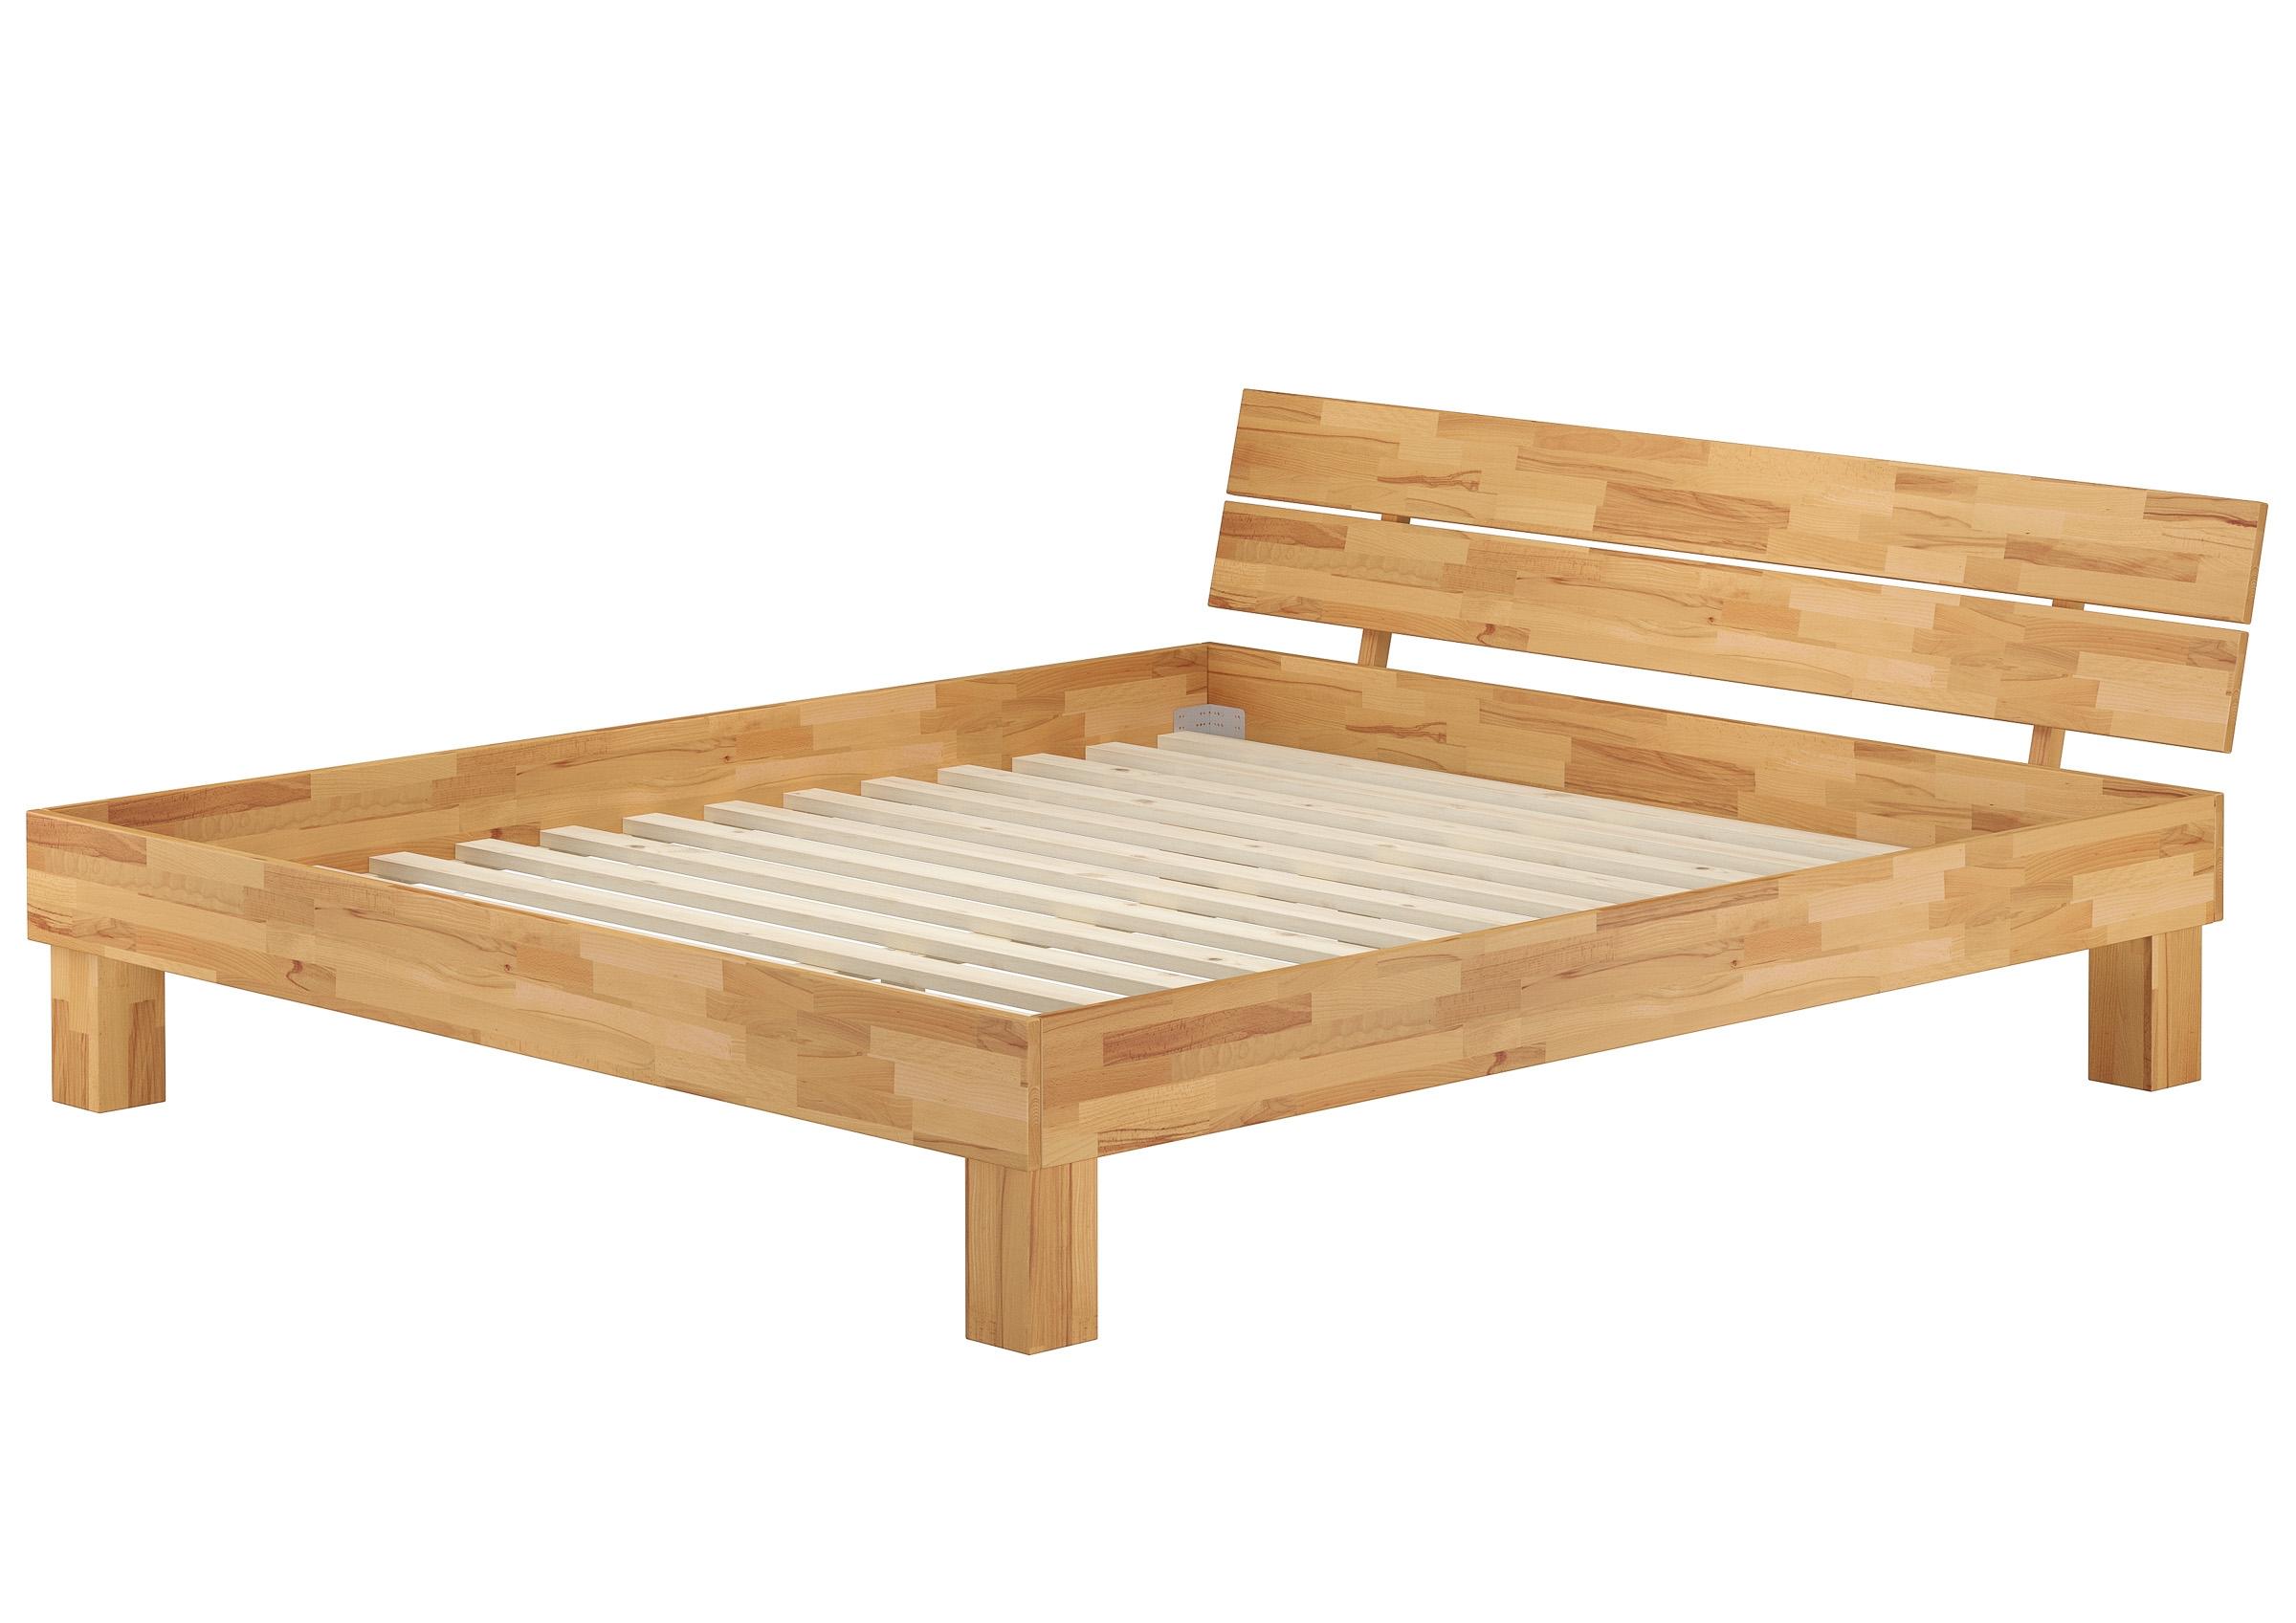 Full Size of Komplettbett 180x220 Doppelbett Berlnge Kingsize Buchebett Massivholz Natur Bett Wohnzimmer Komplettbett 180x220